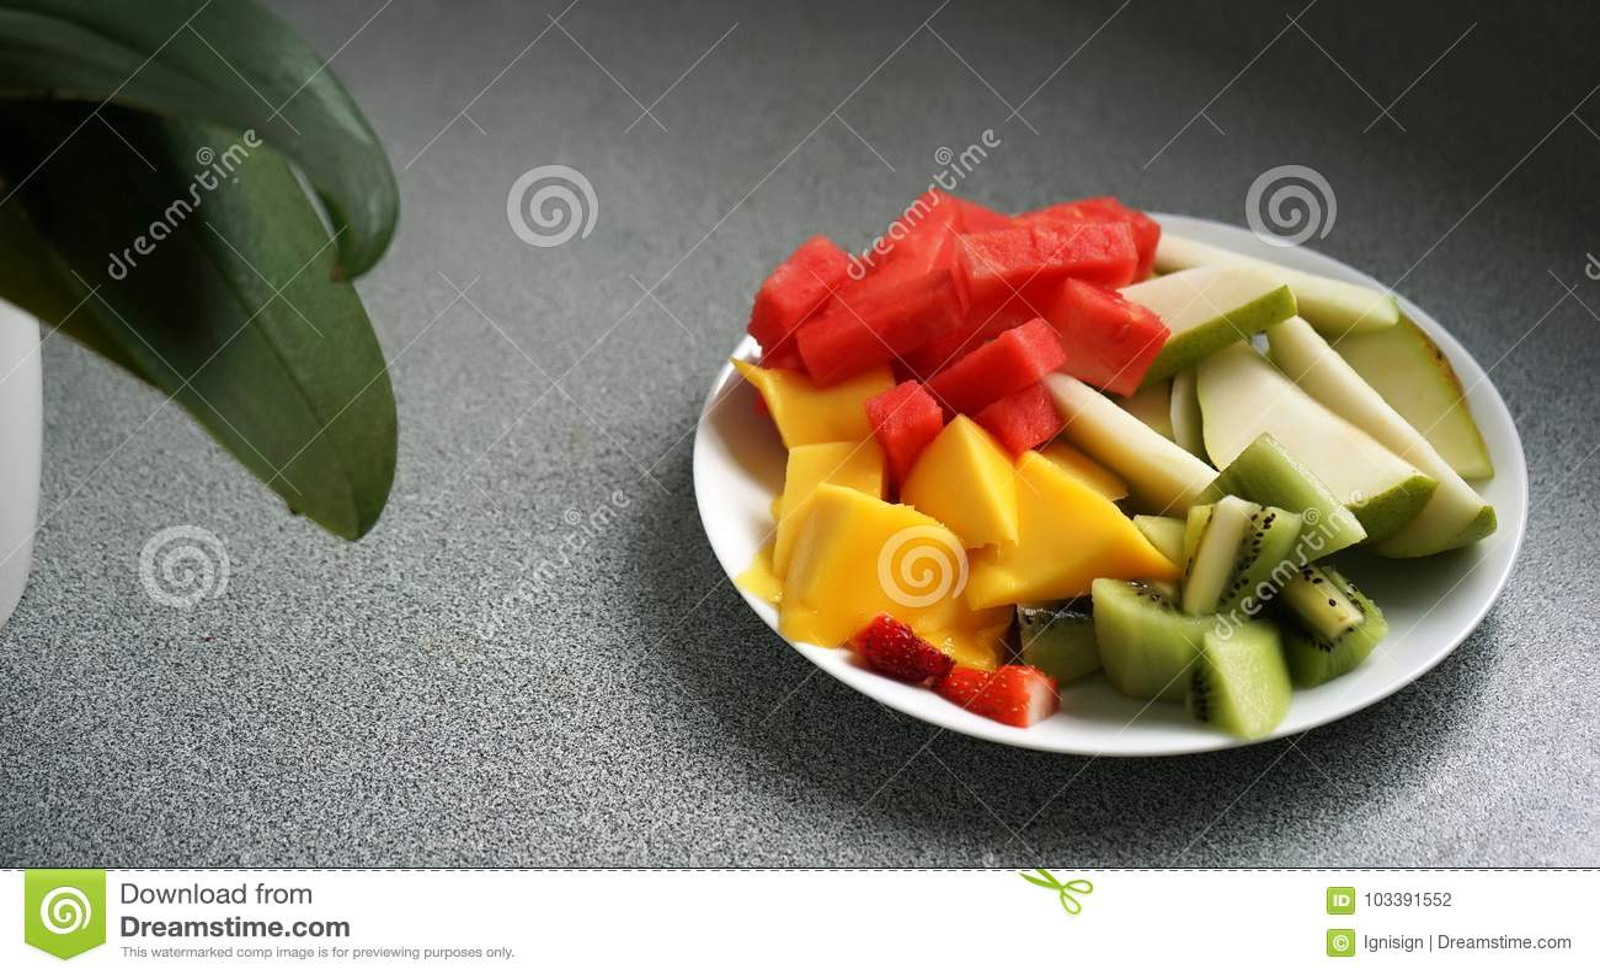 切的和切成小方块的异乎寻常的果子在一块板材在背景中服务,有一棵植物的